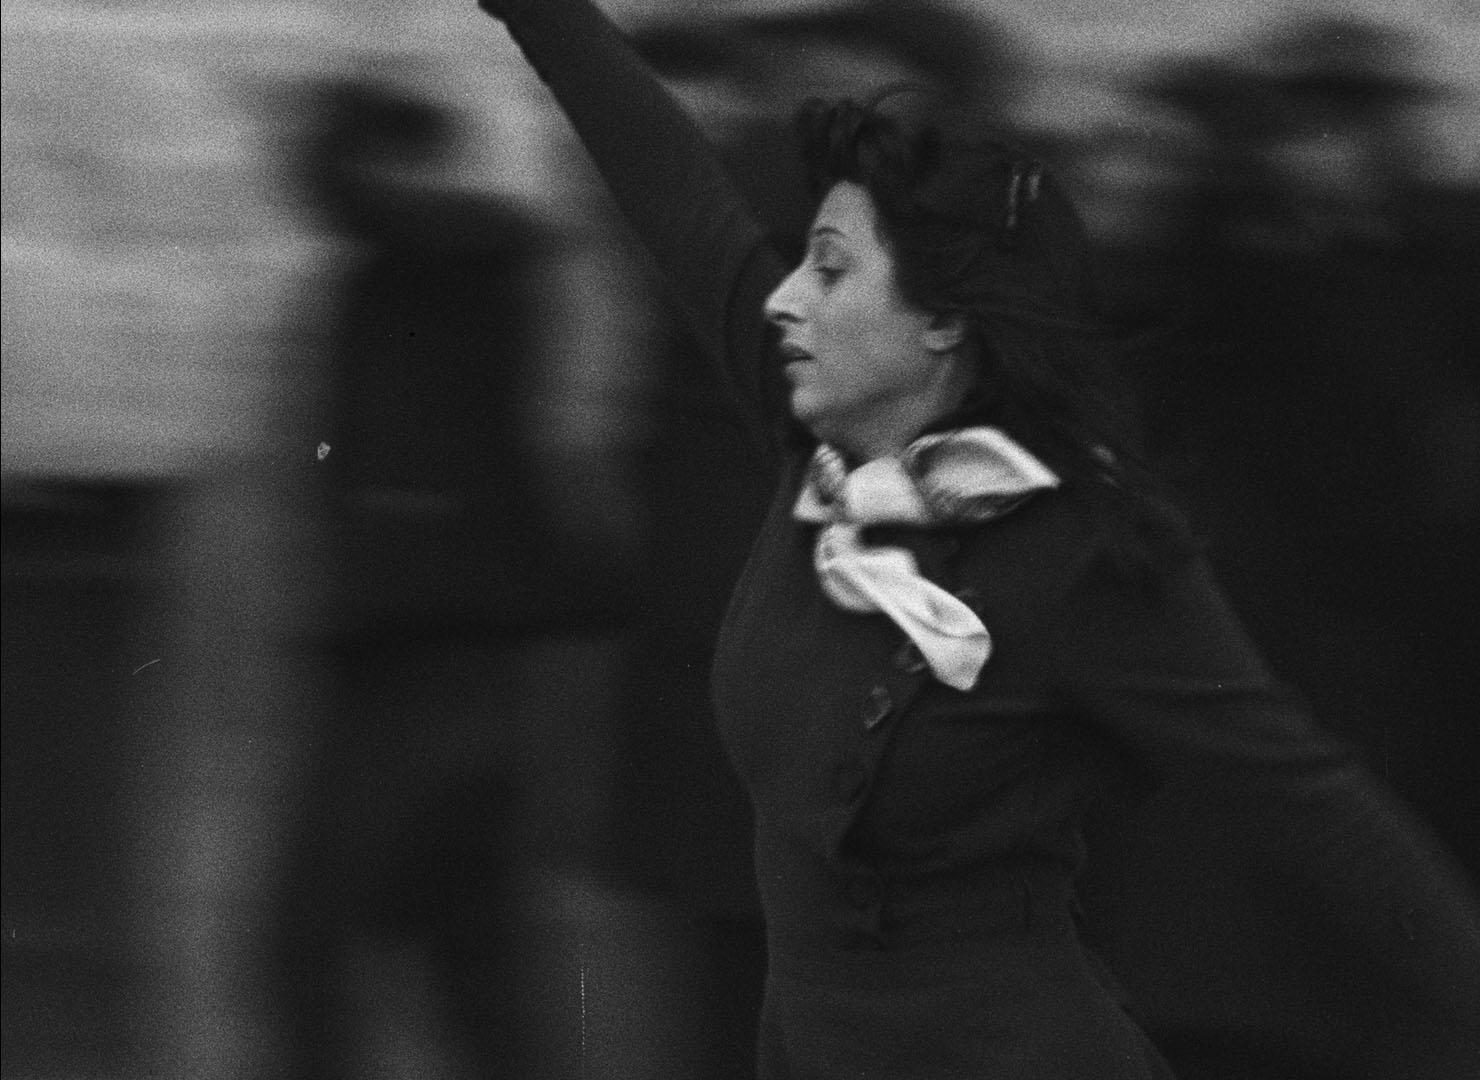 Roma, città aperta: un'immagine del capolavoro di Roberto Rossellini